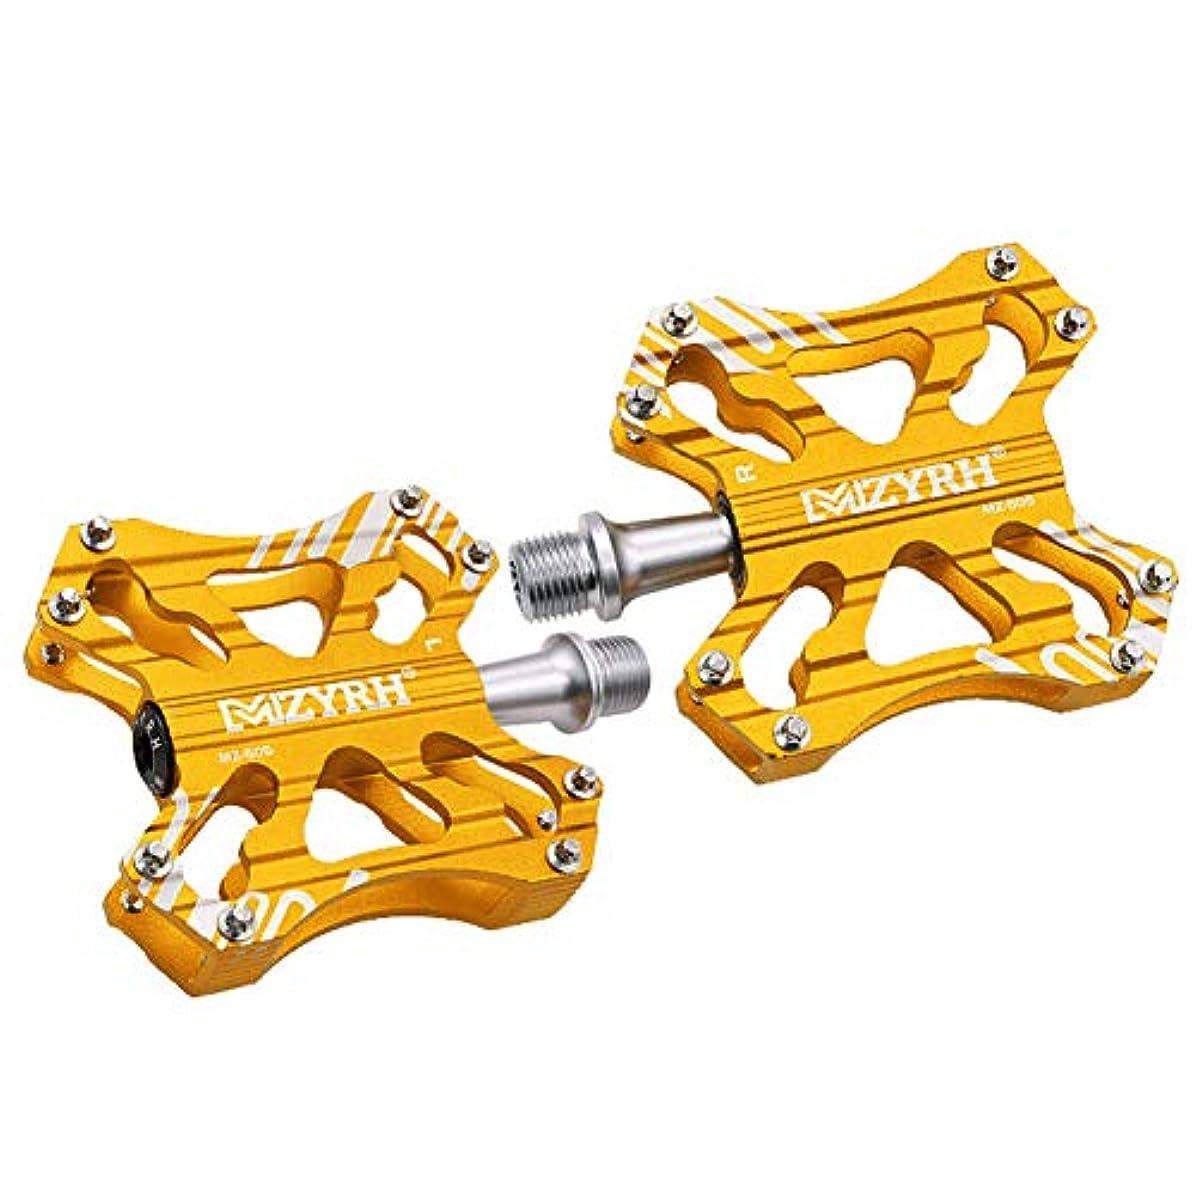 考慮折るタブレット自転車用ペダルアルミ合金乗馬部品マウンテンバイクベアリングダブルインモールドアルミCNC自転車用